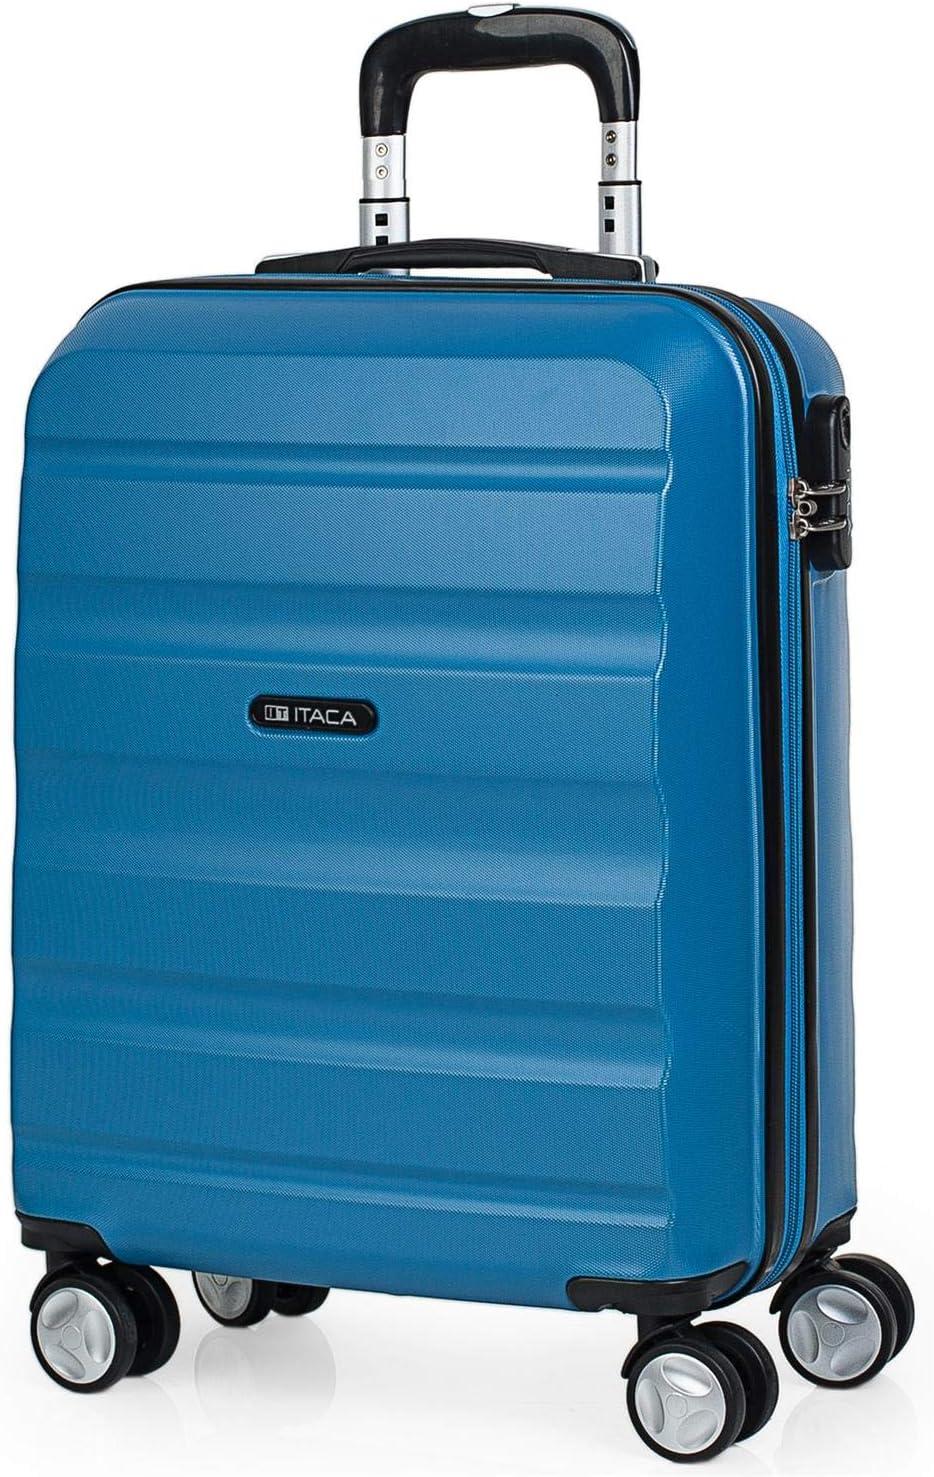 ITACA - Maleta de Viaje 55x40x20 cm Cabina Trolley ABS Lisa. Equipaje de Mano. Pequeña Rígida Práctica y Ligera. 4 Ruedas y Candado. Calidad y Diseño. Viajes Cortos, T71650, Color Azul